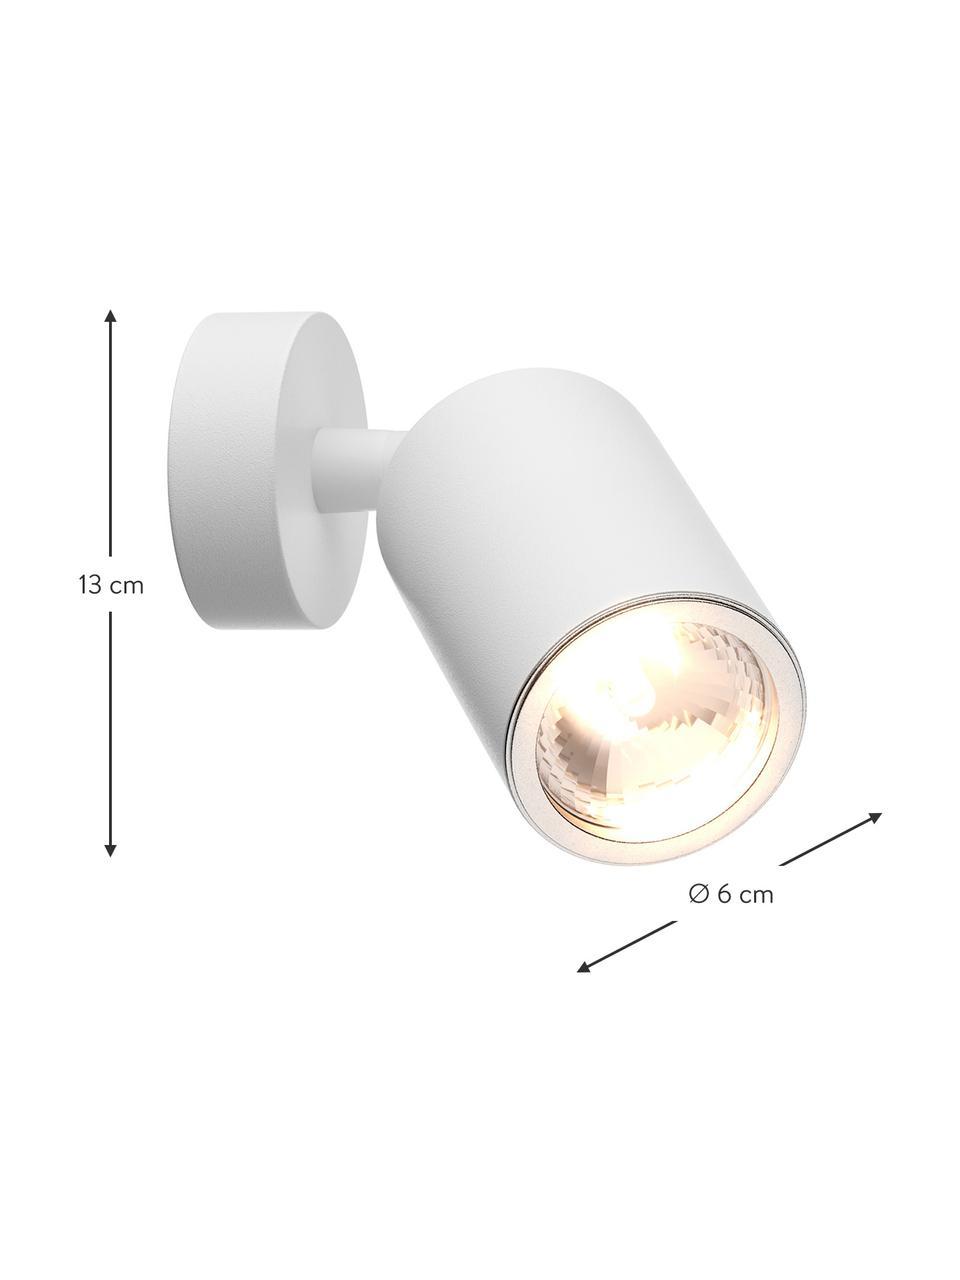 Wand- und Deckenstrahler Tori, Lampenschirm: Aluminium, beschichtet, Weiß, Ø 6 x H 13 cm